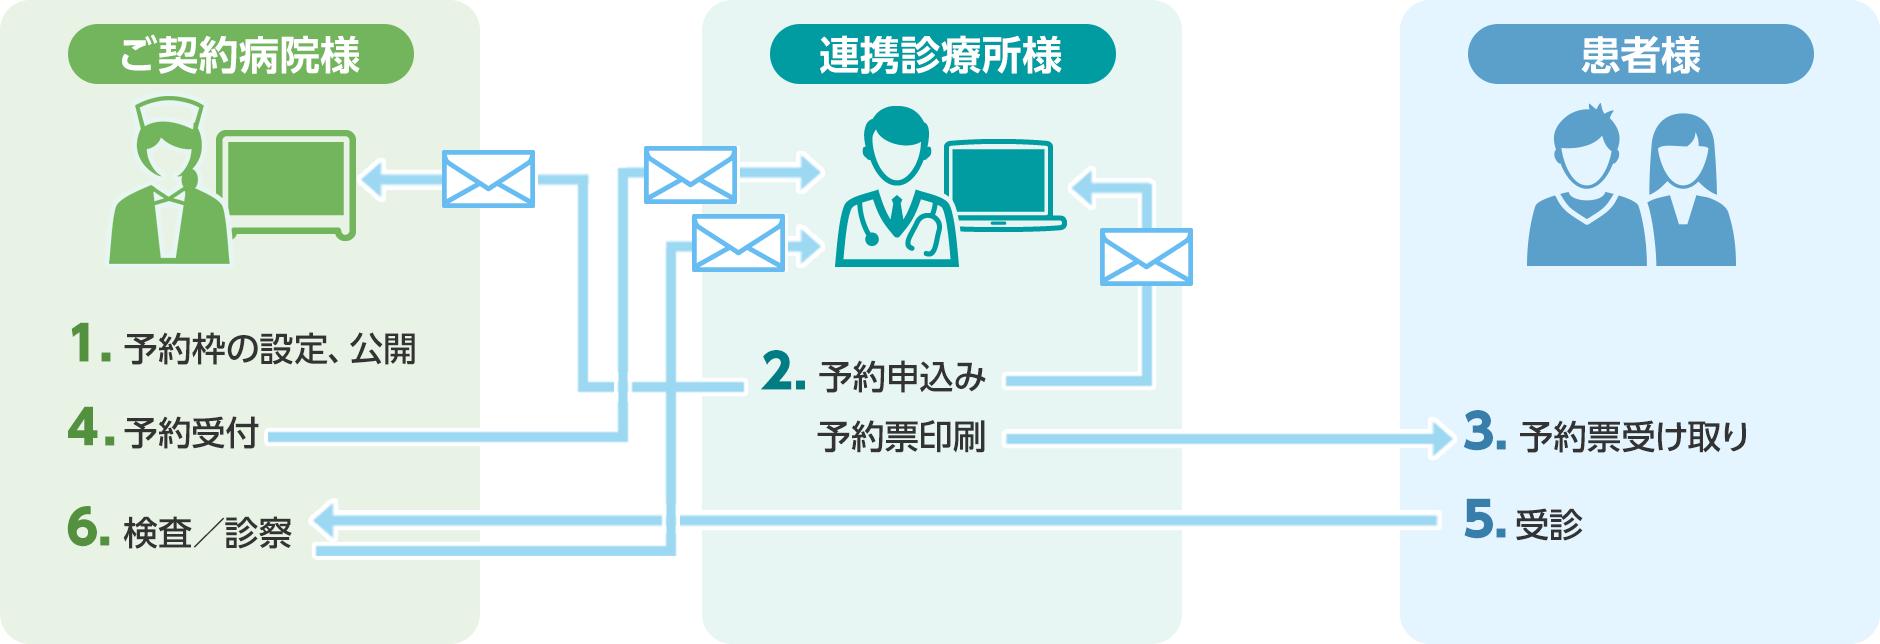 地域医療連携予約サービス「Comlavie-aL」の運用イメージです。連携診療所様から最短4クリックで、簡単に予約の申込みを行うことができます。